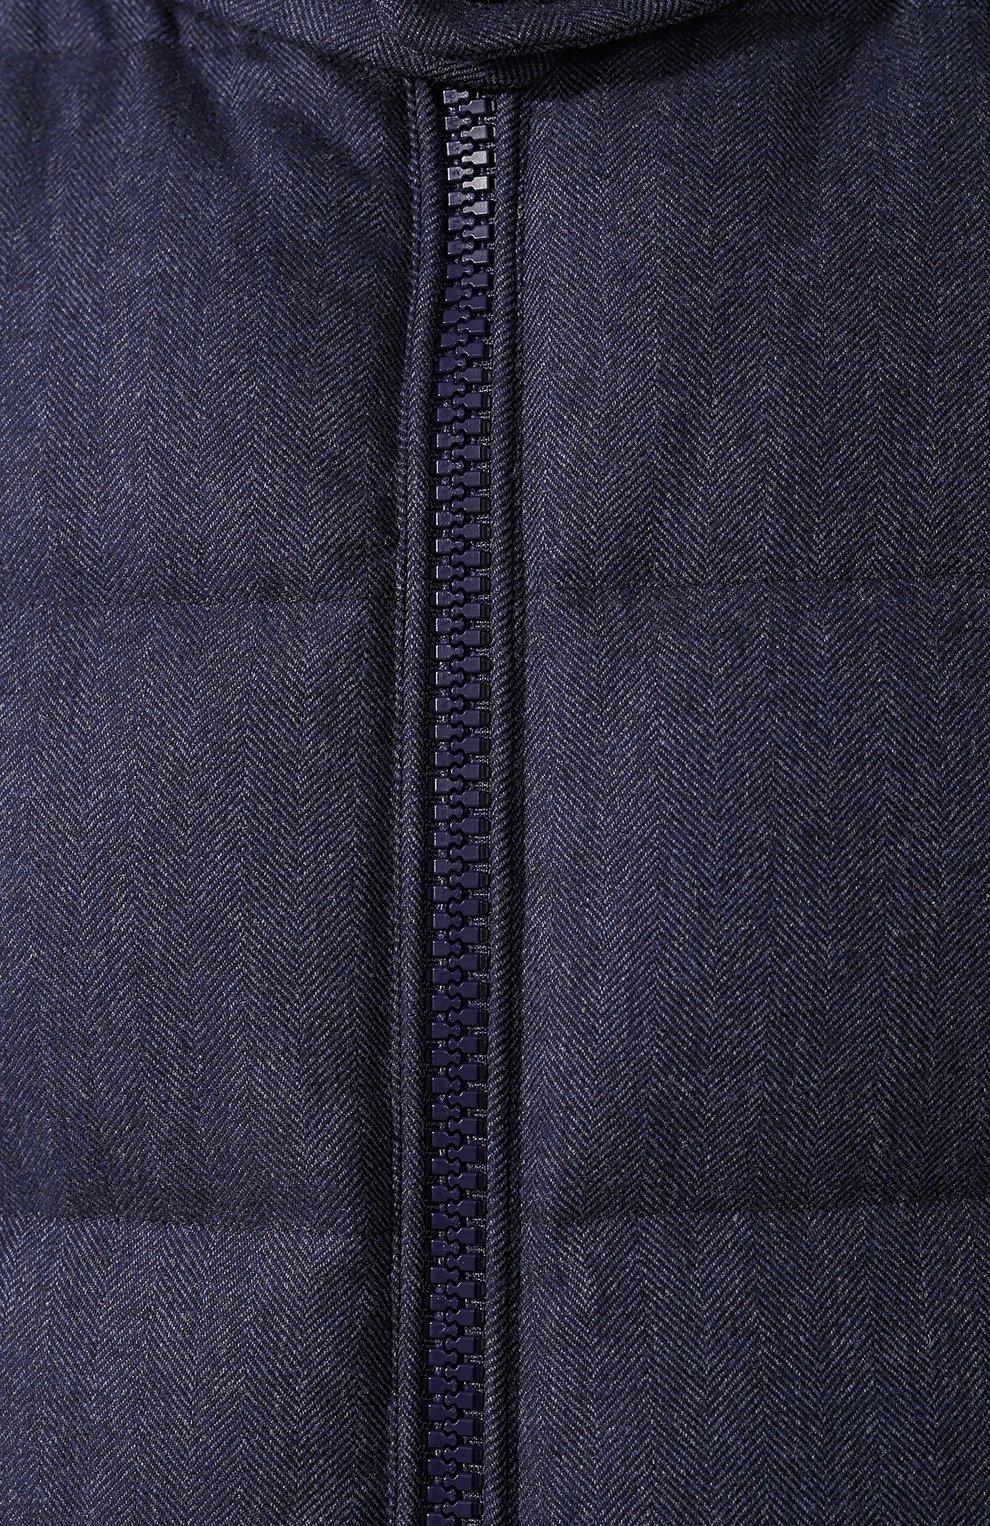 Мужской пуховый жилет из шерсти RALPH LAUREN синего цвета, арт. 790703428   Фото 5 (Кросс-КТ: Куртка, Пуховик; Материал внешний: Шерсть; Мужское Кросс-КТ: Верхняя одежда; Статус проверки: Проверено, Проверена категория; Длина (верхняя одежда): Короткие; Материал утеплителя: Пух и перо; Стили: Кэжуэл)